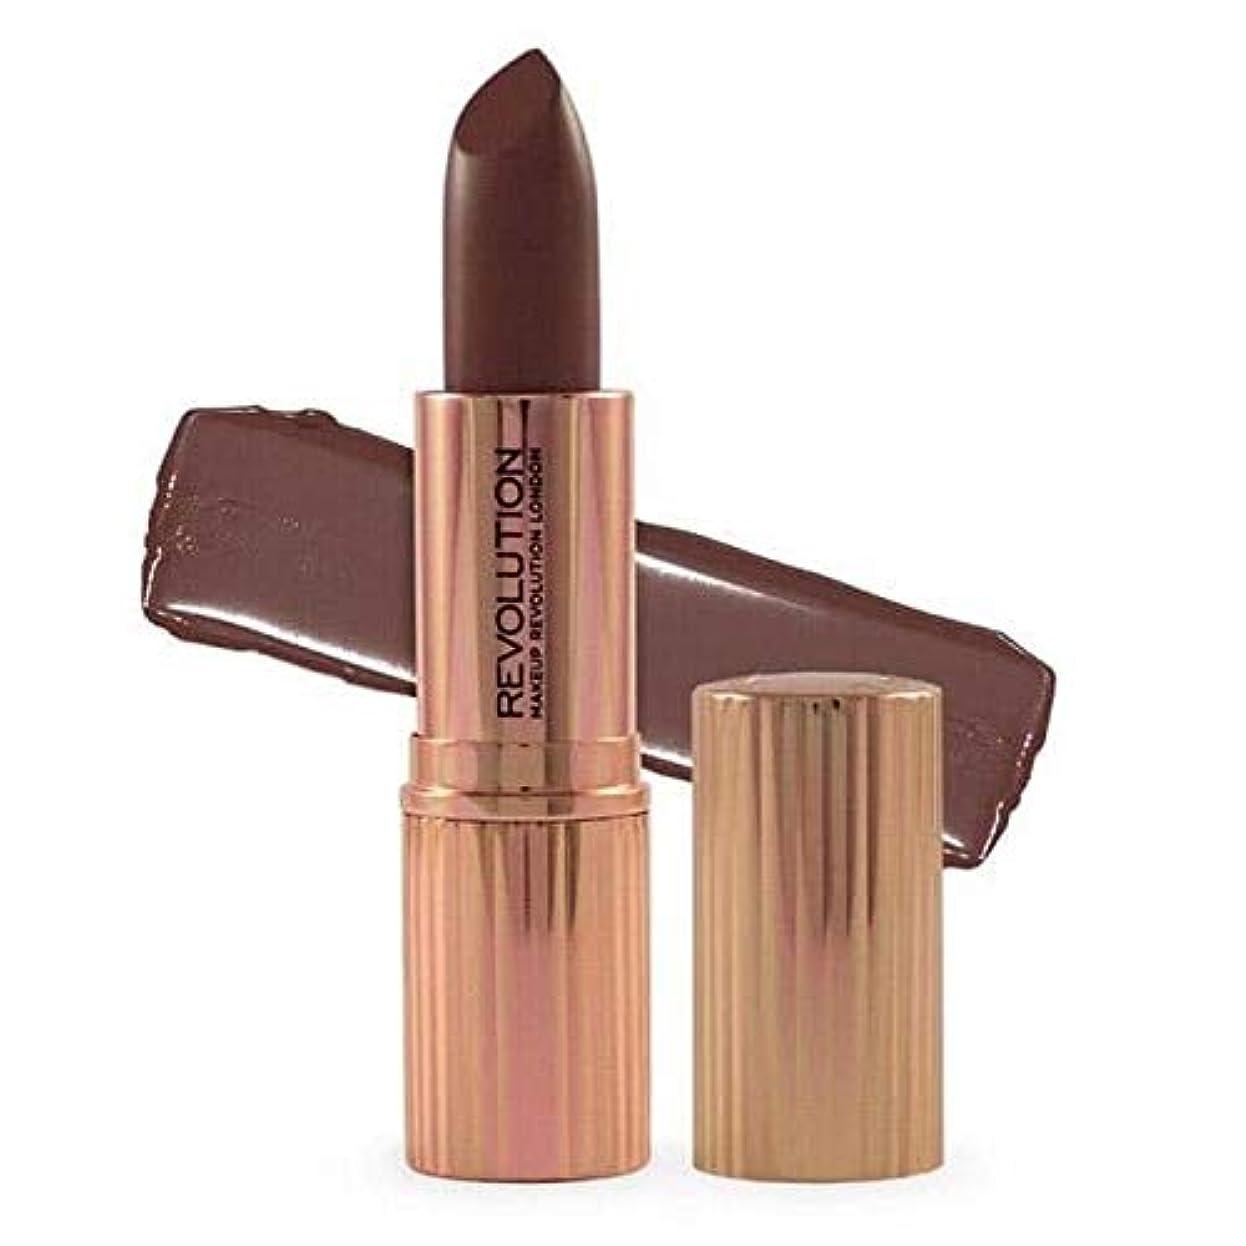 ストローレンジパーティー[Revolution ] 革命ルネサンス口紅最高級 - Revolution Renaissance Lipstick Finest [並行輸入品]